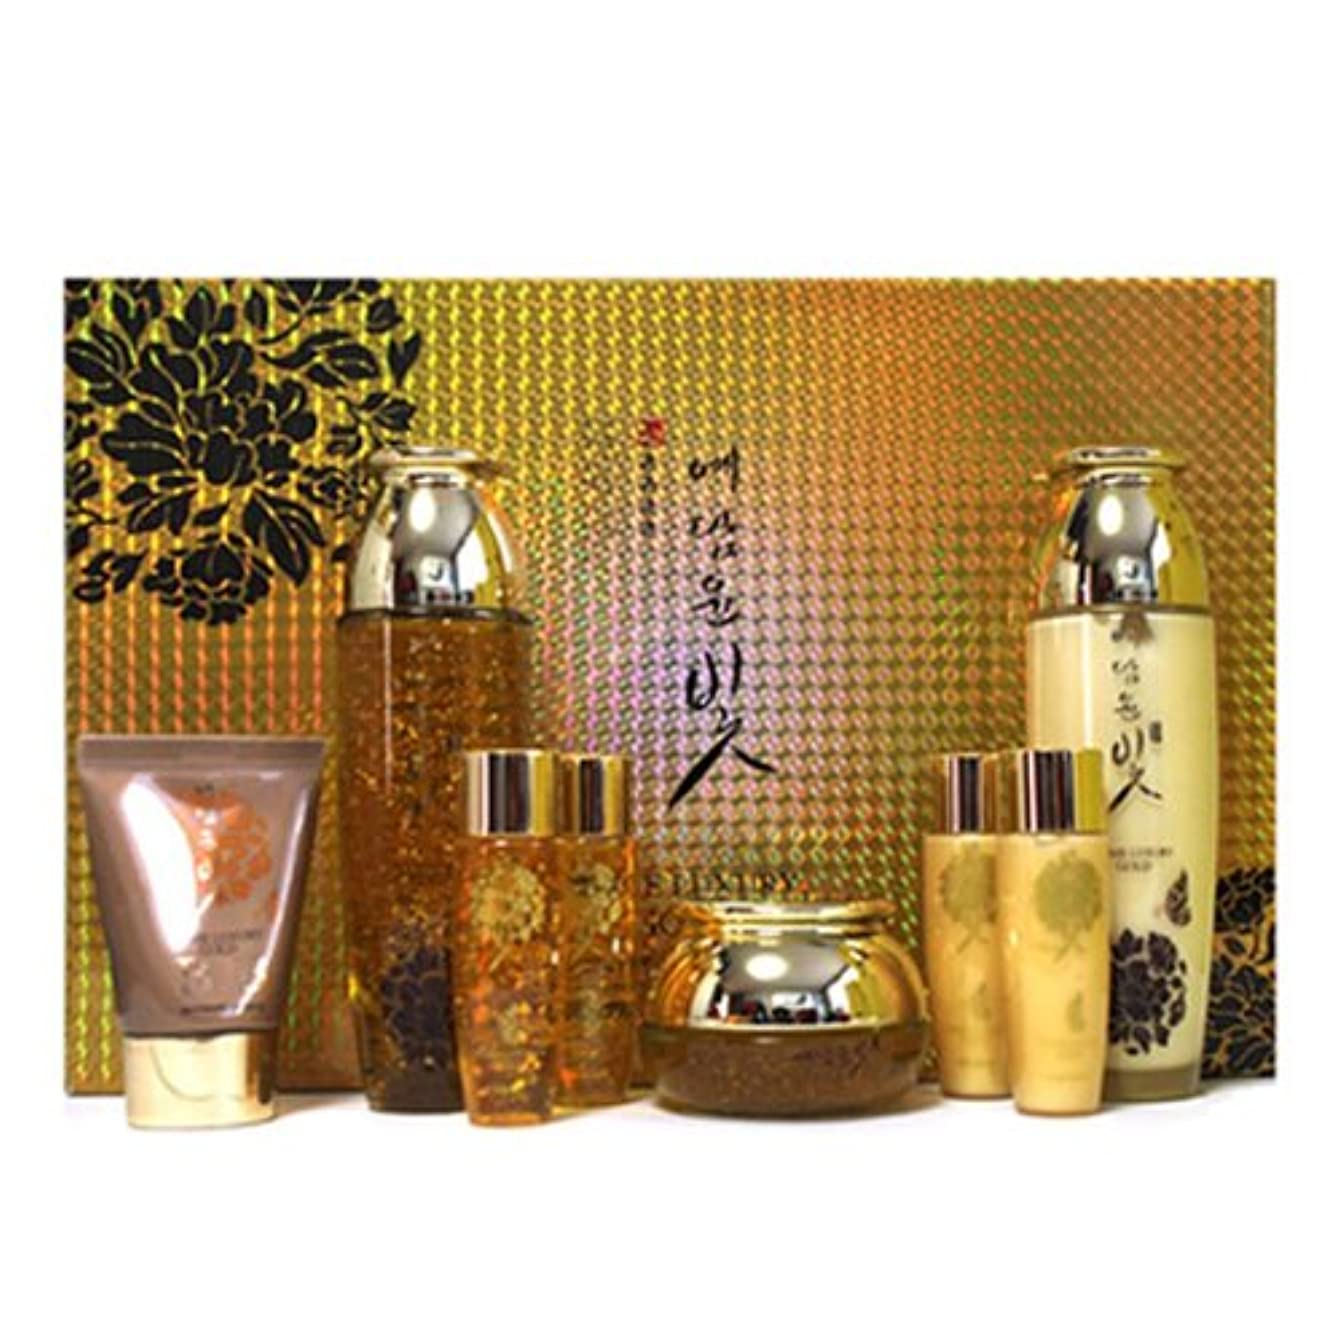 社交的サルベージ足首イェダムユンビト[韓国コスメYedam Yun Bit]Prime Luxury Gold Skin Care Set プライムラグジュアリーゴールドスキンケア4セット 樹液 乳液 クリーム/ BBクリーム [並行輸入品]